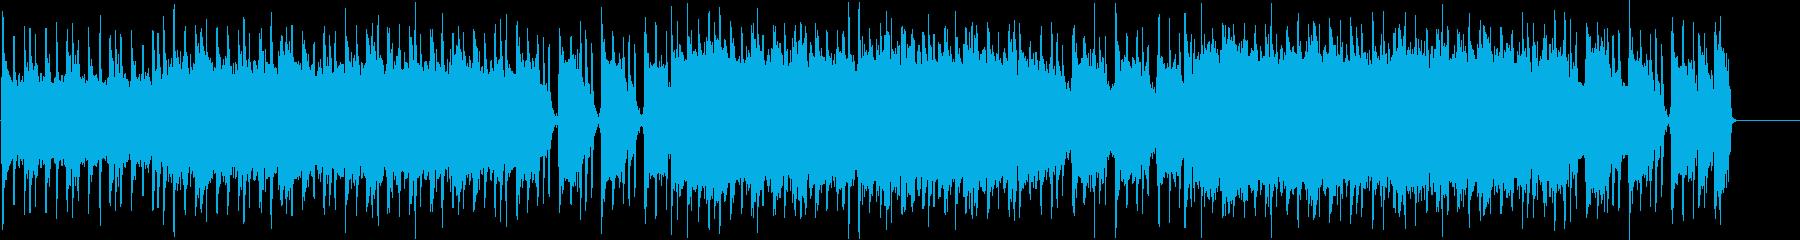 クイーン風クラップ&リズムのギターロックの再生済みの波形